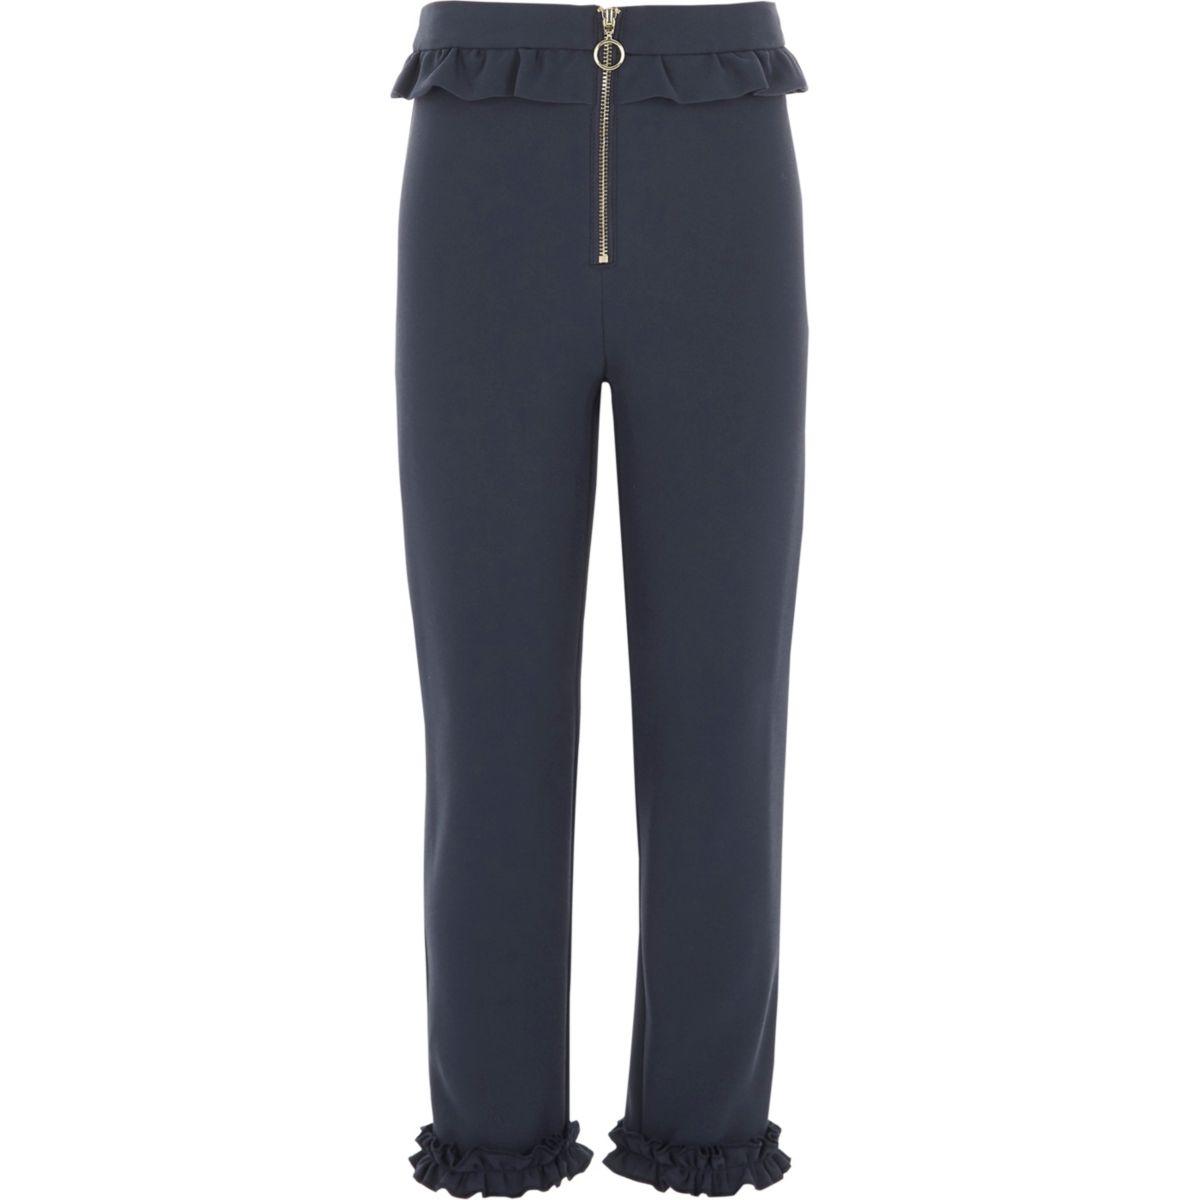 Pantalon cigarette bleu marine zippé à volants pour fille